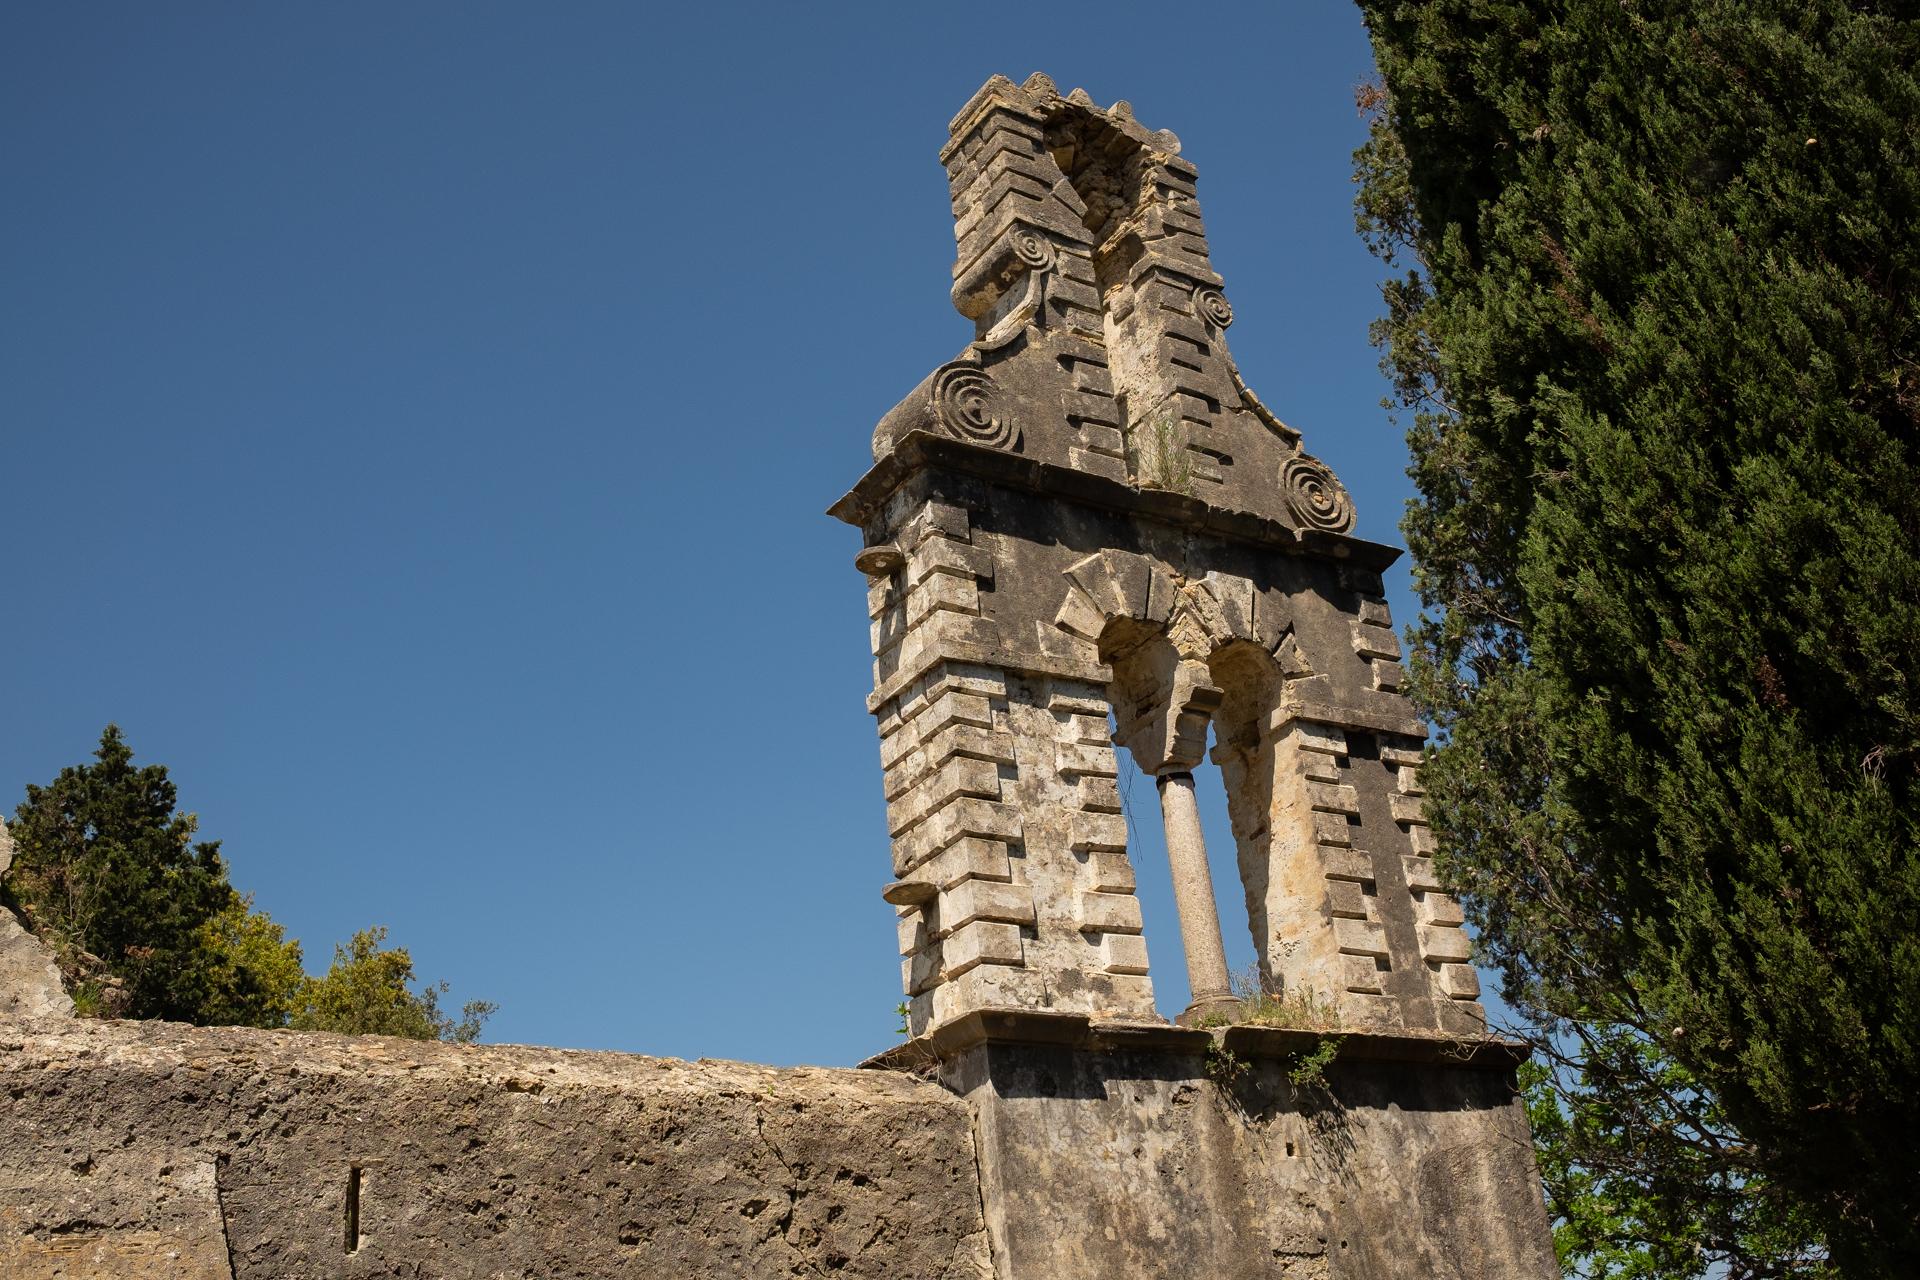 Ruiny Monastyru Najświętszej Maryi Panny na Asprokavos